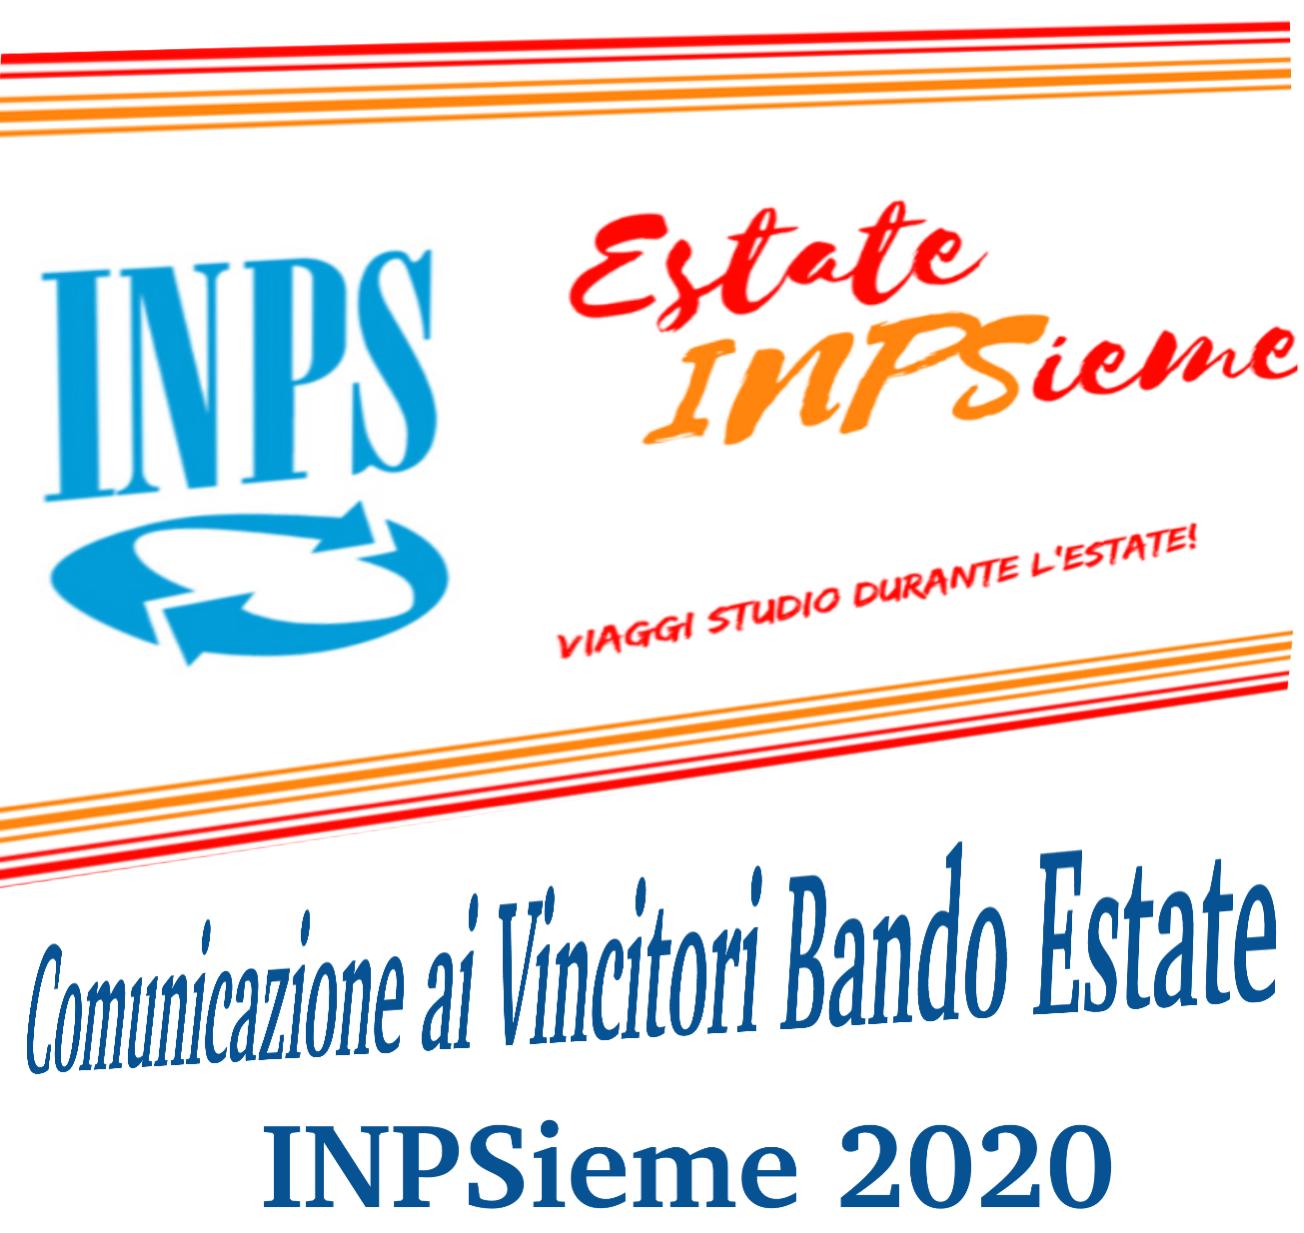 INPSIEME BANDO ESTATE 2020 COMUNICAZIONE